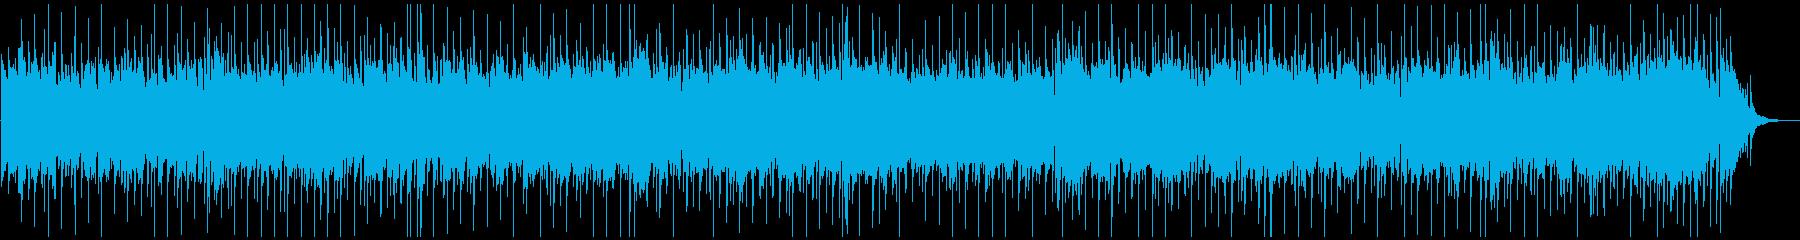 陽気なサザンロック風バンジョーBGMの再生済みの波形